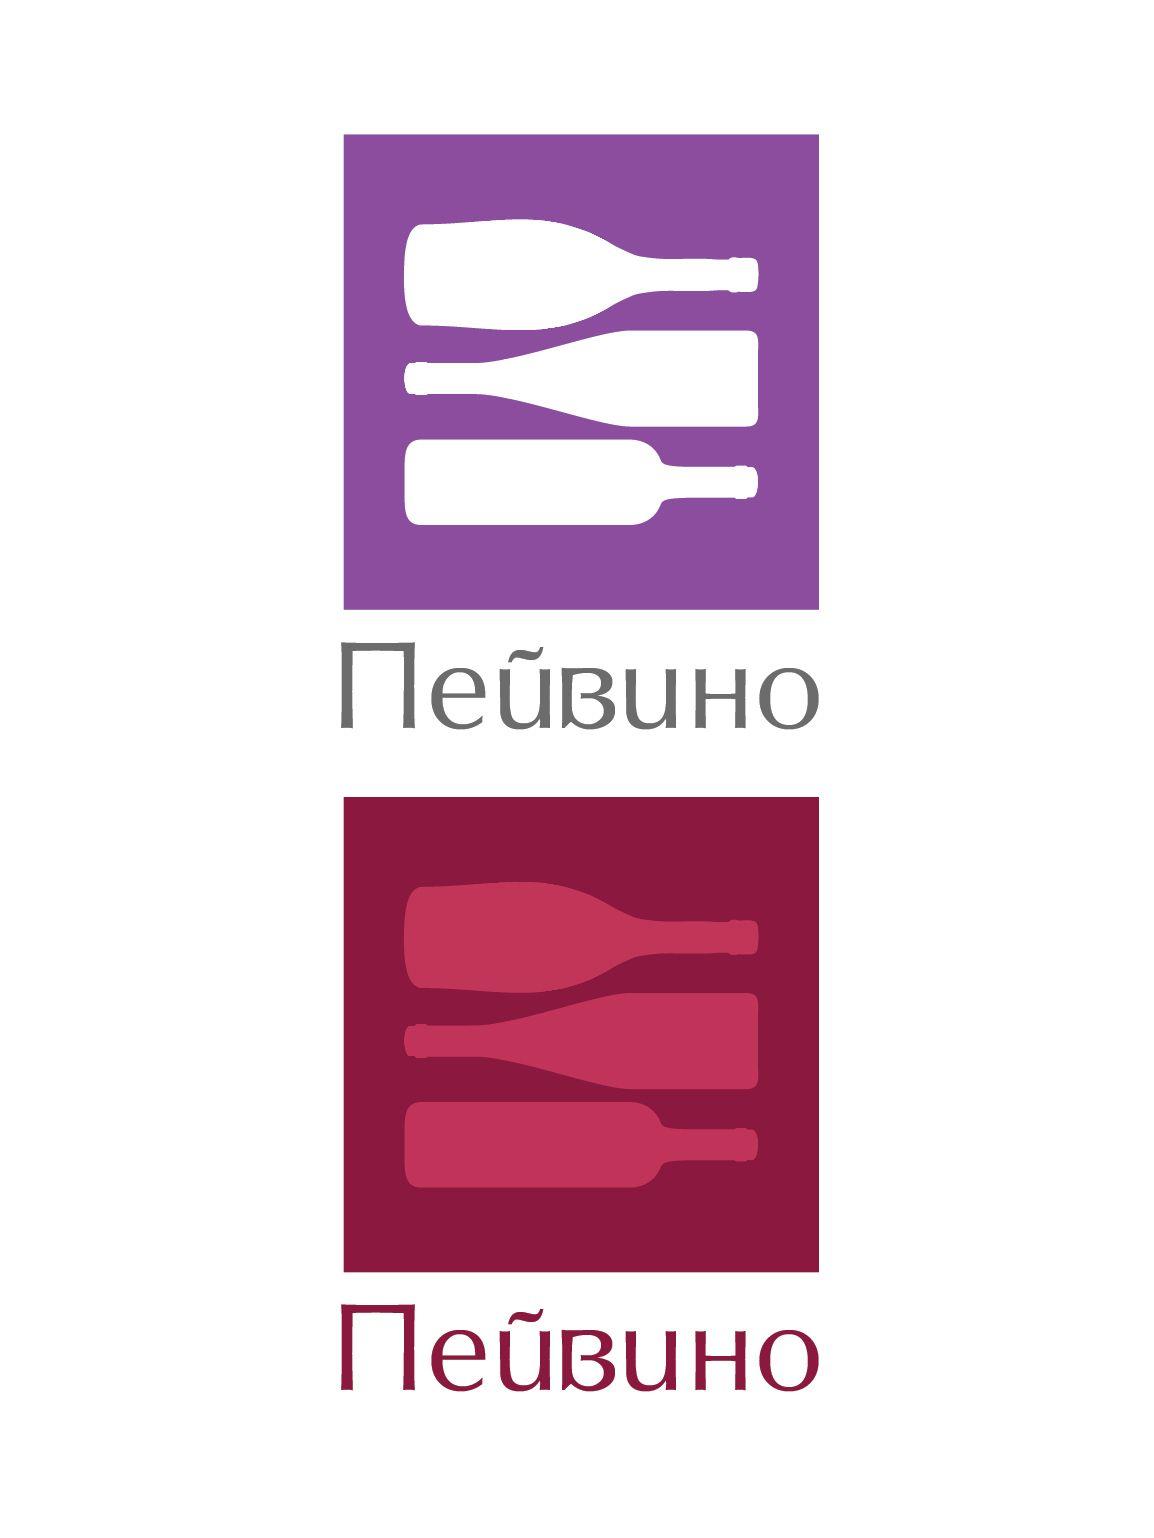 Фирменный стиль для компании Пейвино - дизайнер andyul